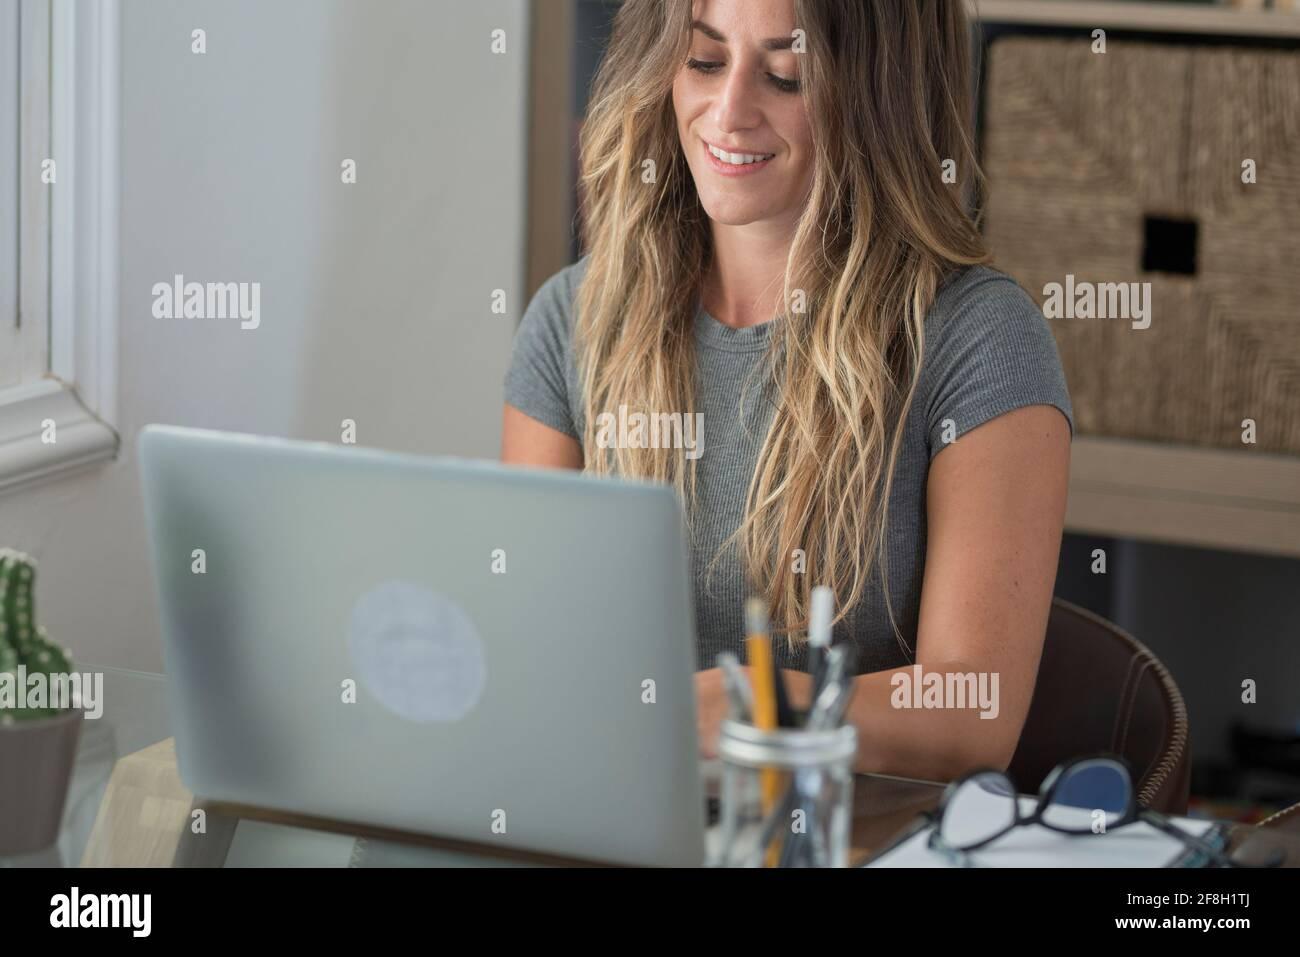 Erwachsene Frau Typ auf Laptop-Computer und lächeln glücklich für Smart arbeiten frei Büro Home Aktivität - moderne Menschen online Job Remote Work Lifestyle - FEM Stockfoto